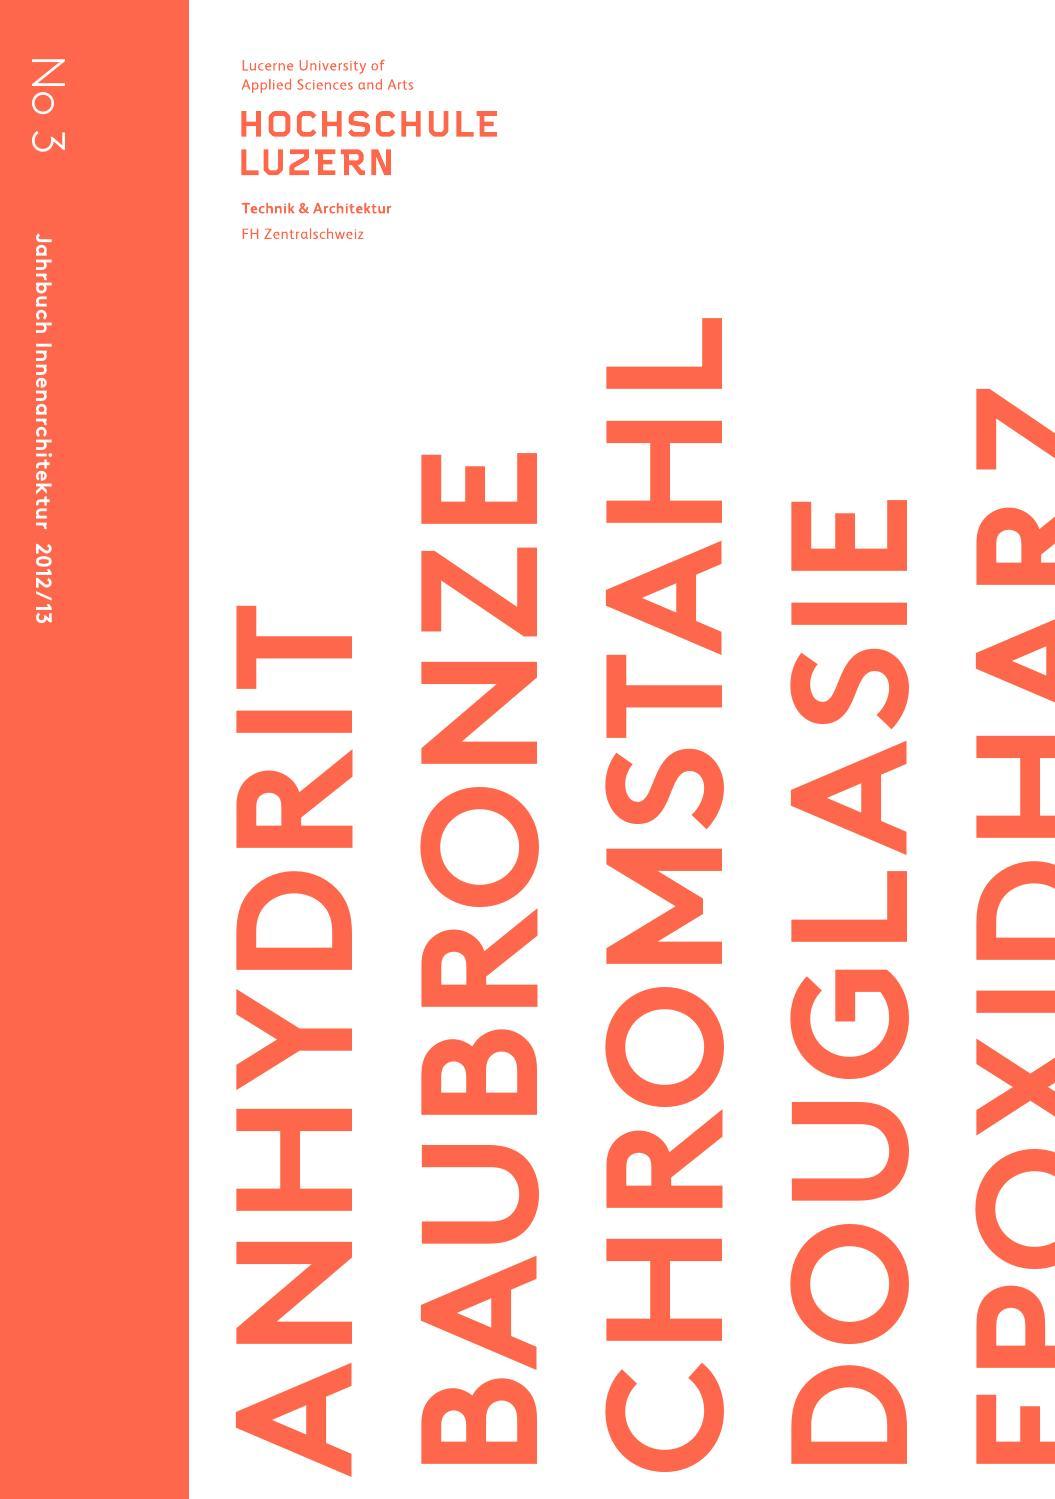 jahrbuch innenarchitektur 2012-2013 by hochschule luzern - issuu, Innenarchitektur ideen